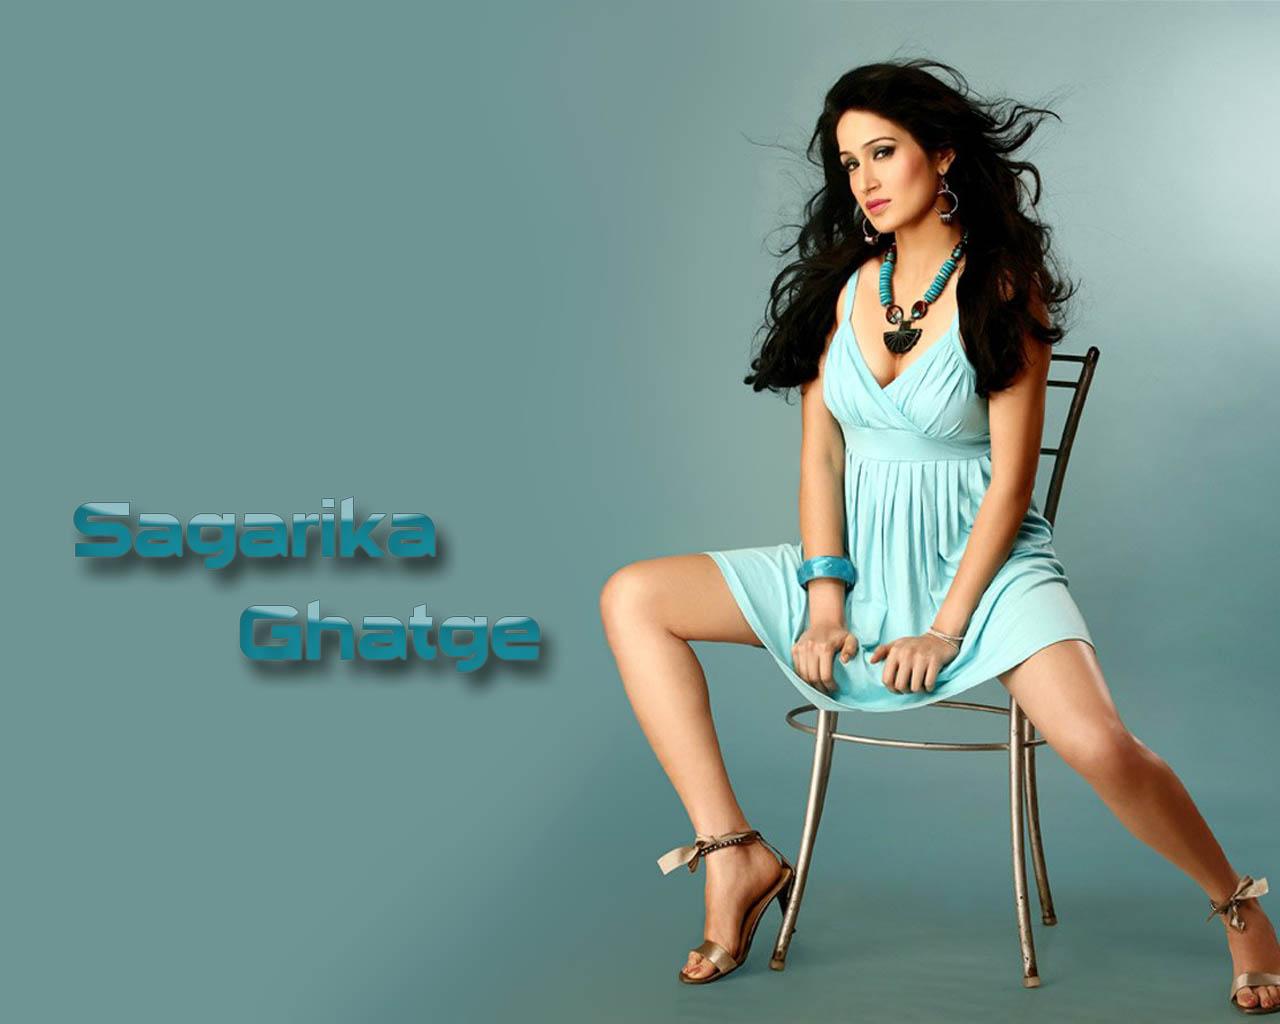 http://4.bp.blogspot.com/-Pn825LD5ens/UHj8fAGiS3I/AAAAAAAAASk/bFfWaKQY8HQ/s1600/Sagarika+Ghatge+Wallpaper.jpg